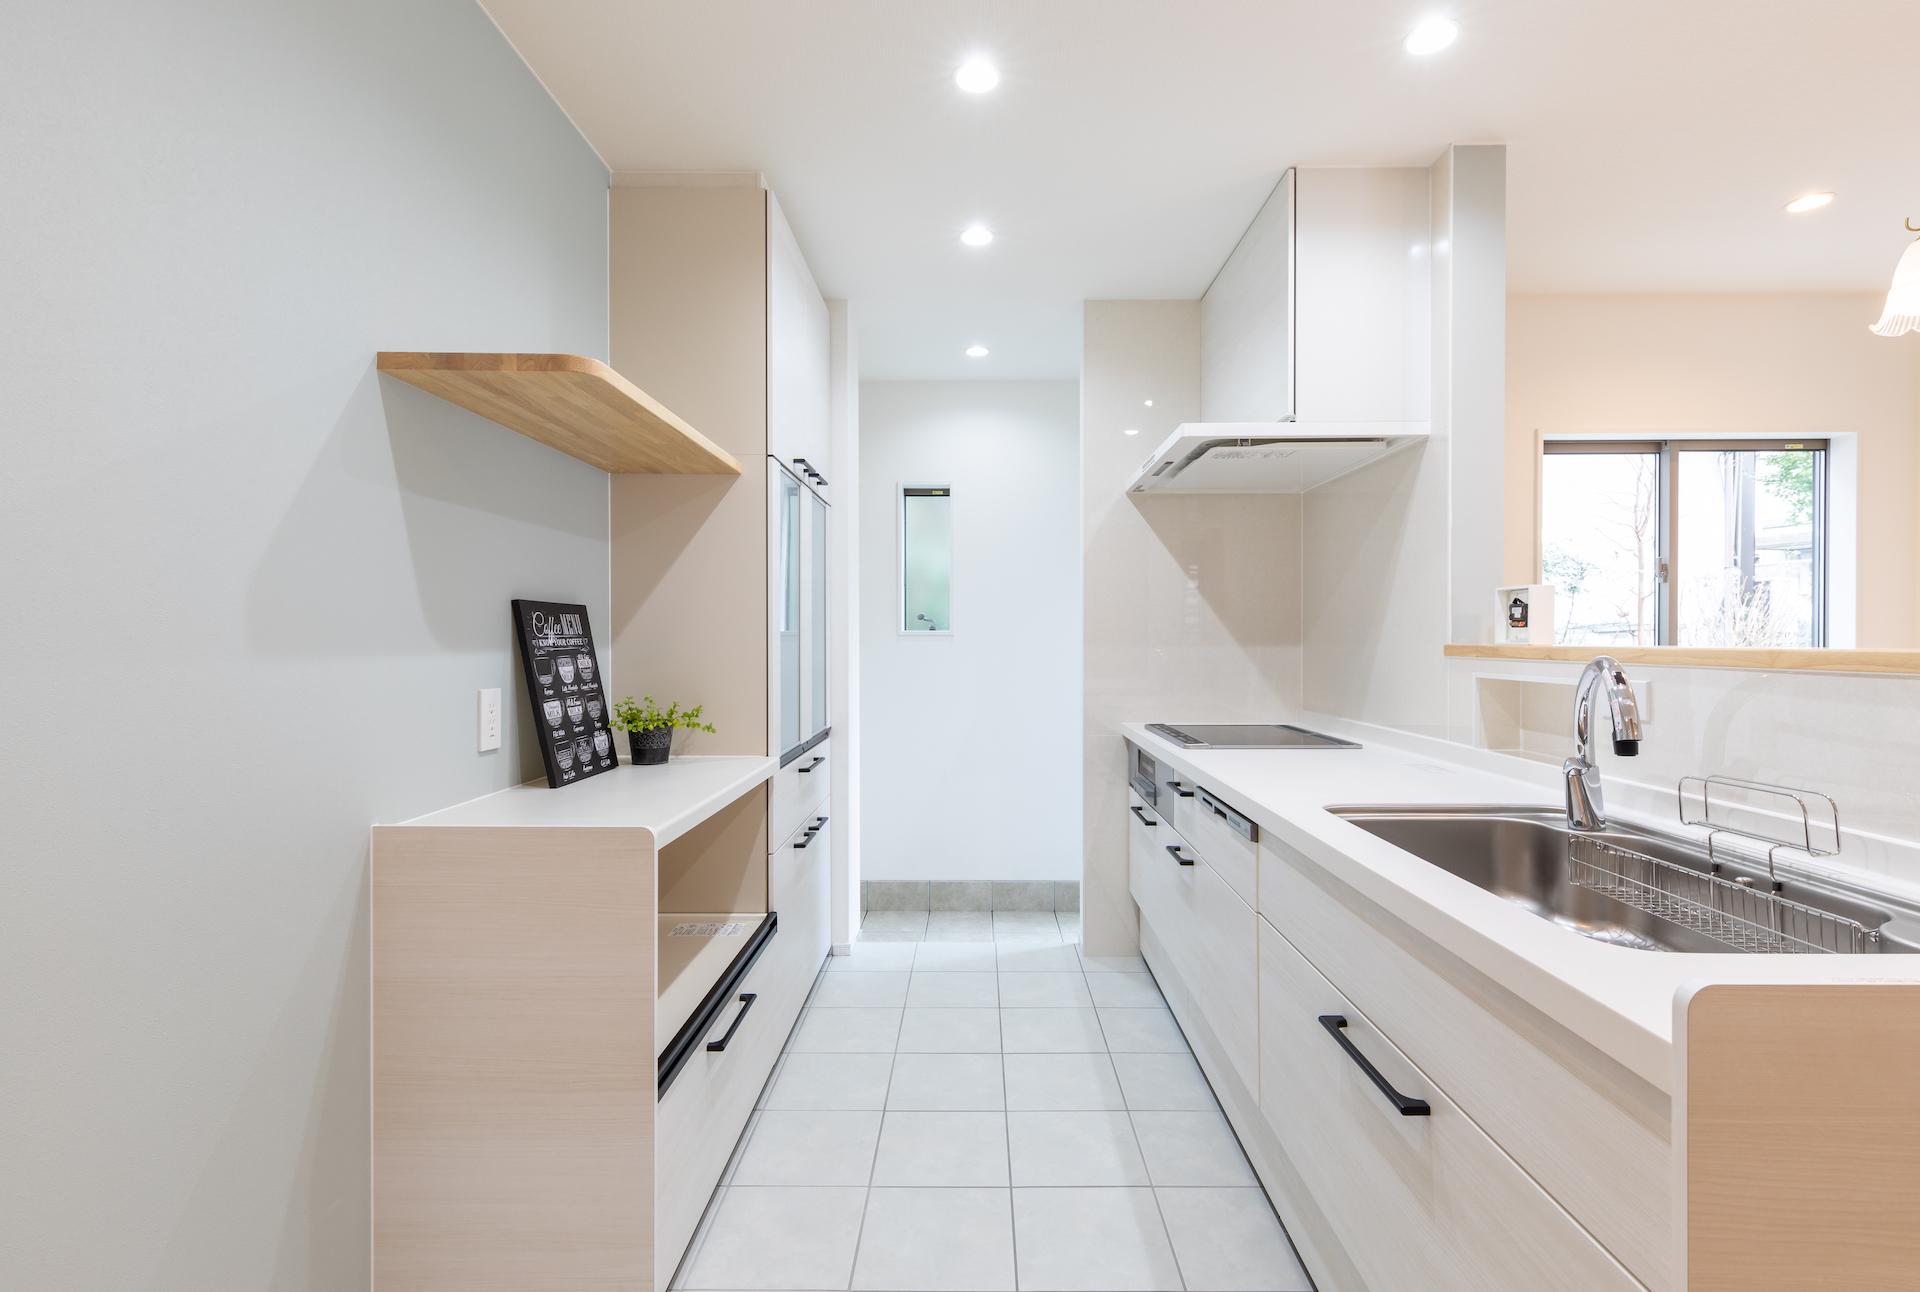 キッチンの作業台にはスパイスニッチを設けた。床は掃除のしやすさを考慮しタイルを敷きつめている。奥の一段下がった土間部分にはあえて床暖房を入れず、実家から届く野菜の保管スペースとしても活用。勝手口とつながっており、毎日のゴミ捨てもラクラクだ